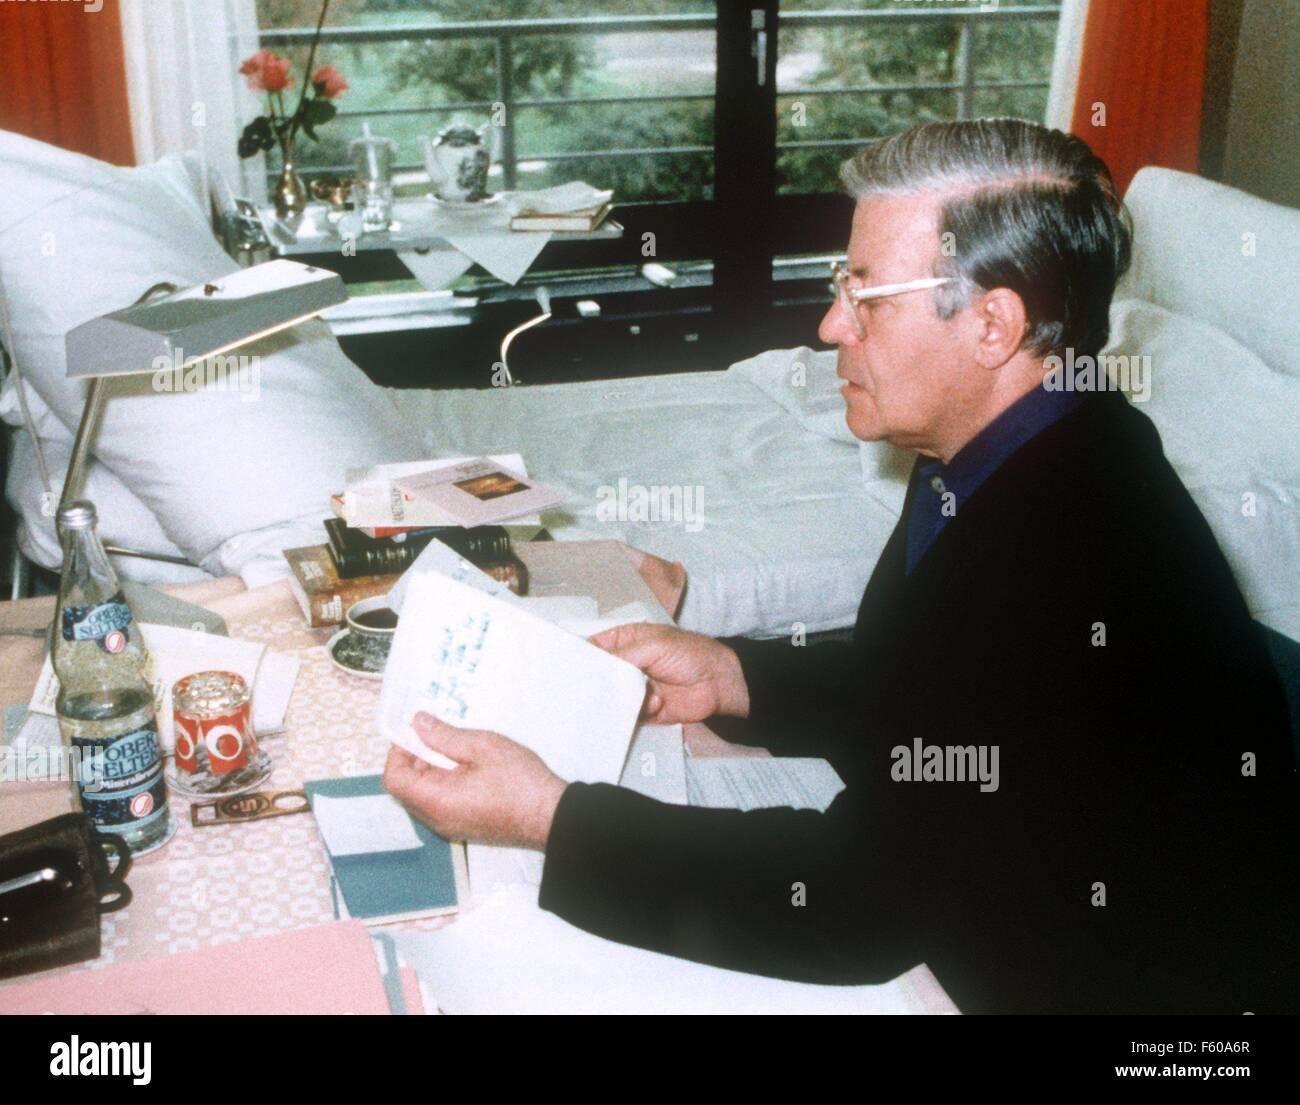 Le chancelier Helmut Schmidt, qui ont reçu un stimulateur cardiaque à l'hôpital de la Bundeswehr de Coblence, travaille à une petite table dans sa chambre d'hôpital, avec l'autorisation des médecins, le 15 octobre 1981. Banque D'Images